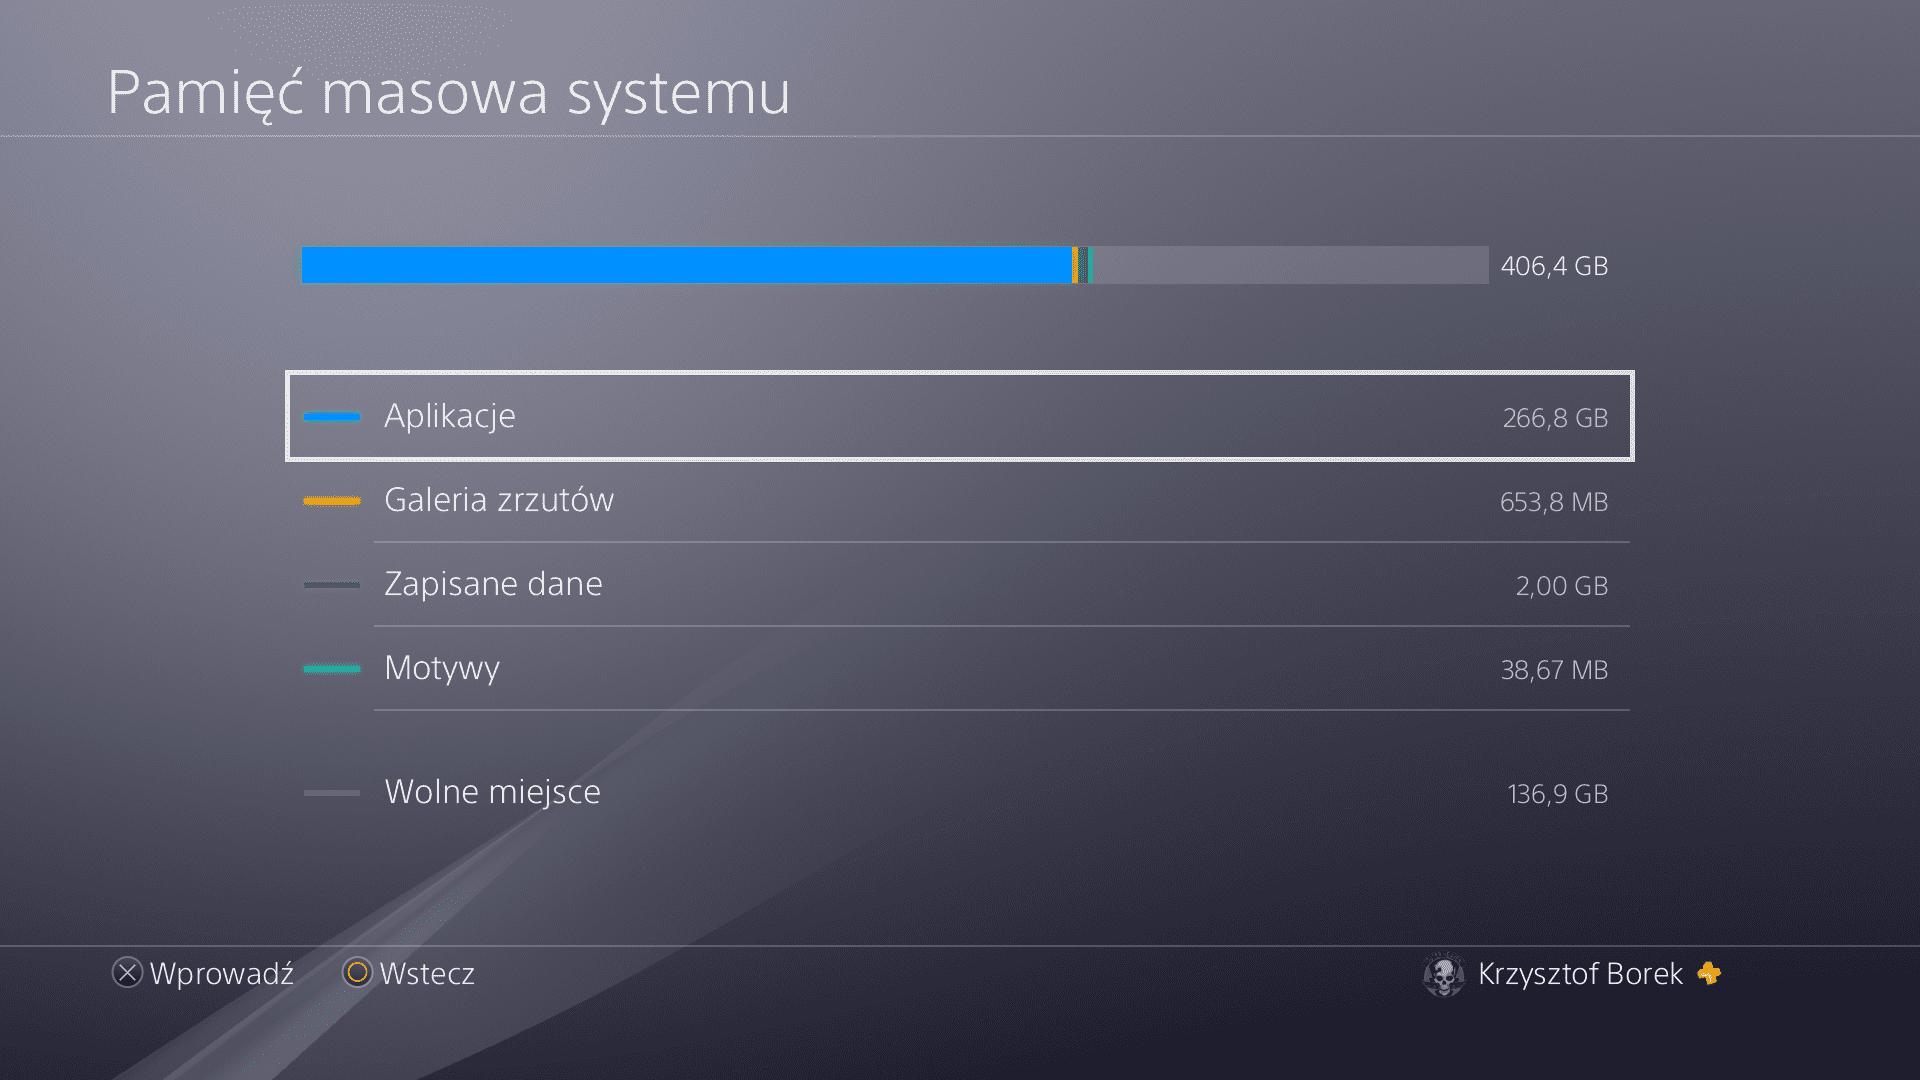 Oprogramowanie w wersji 4.50 dla PlayStation 4 - moje pierwsze wrażenia recenzje, polecane Recenzja, ps4 4.50, PS4, PlayStation 4, nowe oprogramowanie do ps4  Początkowo nie wierzyłem, że dostanę się do grona użytkowników testujących najnowszą wersję oprogramowania dla PlayStation 4. Na szczęście mi się udało i po przyjściu wiadomości potwierdzającej mogłem szybko zaktualizować oprogramowanie do wersji 4.50 beta 2. 20170203180613